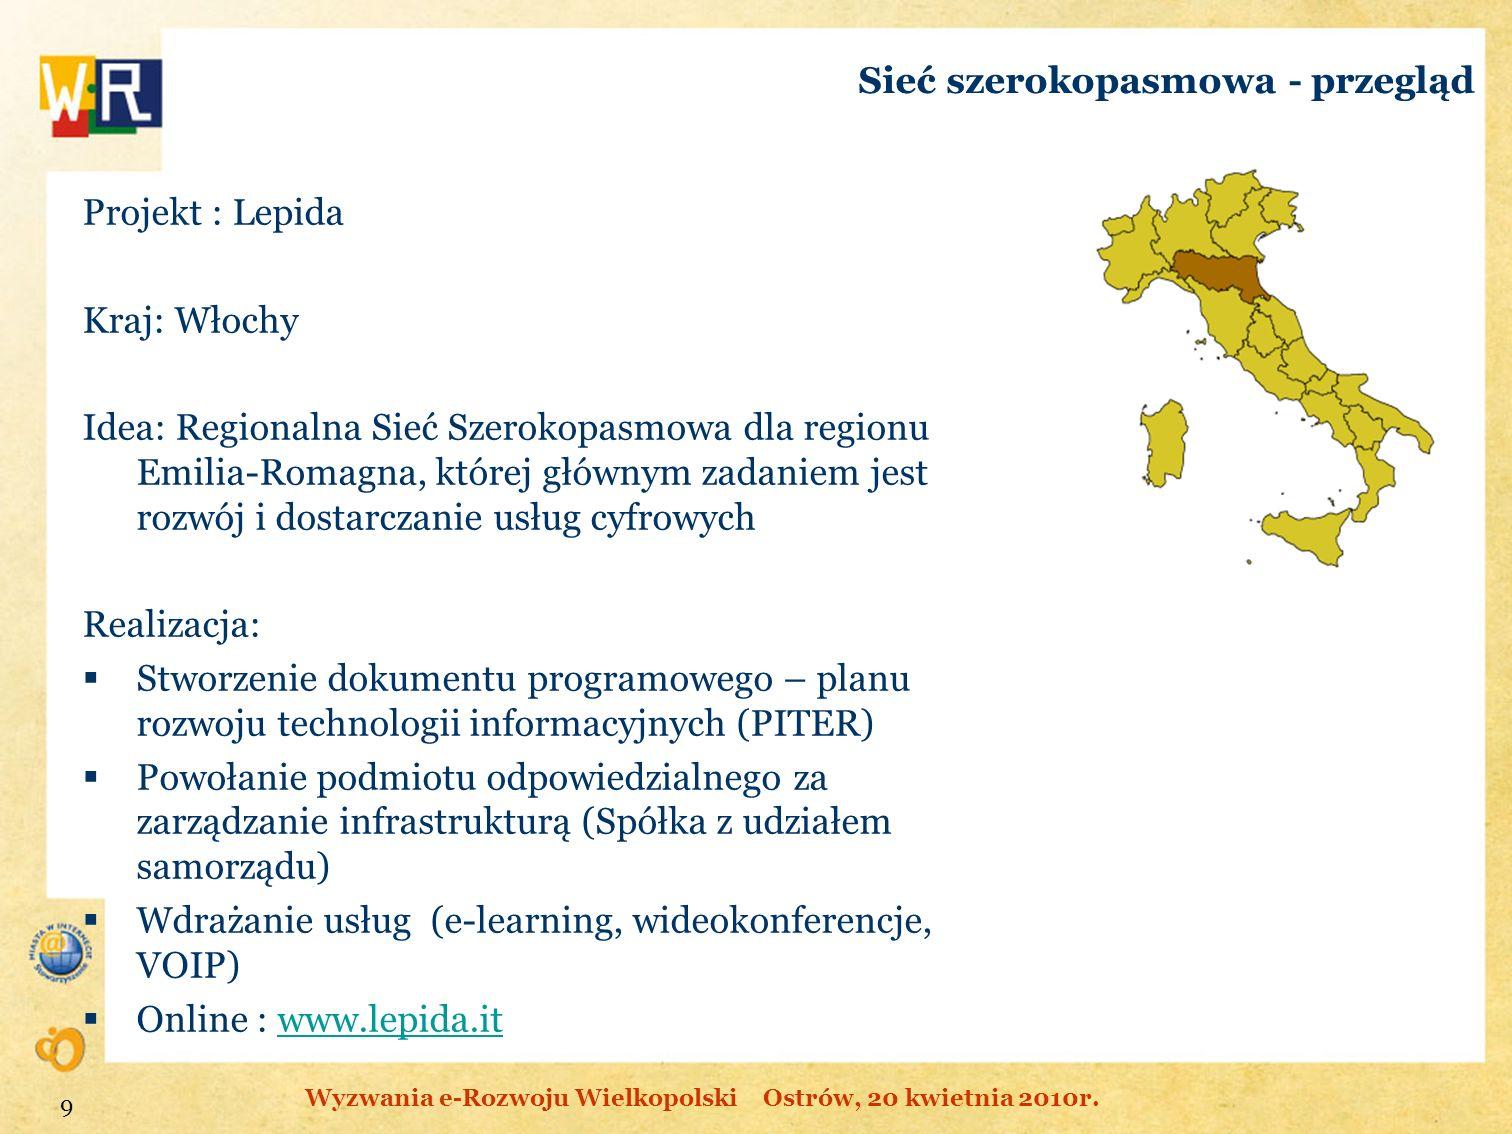 Sieć szerokopasmowa - przegląd Projekt : Lepida Kraj: Włochy Idea: Regionalna Sieć Szerokopasmowa dla regionu Emilia-Romagna, której głównym zadaniem